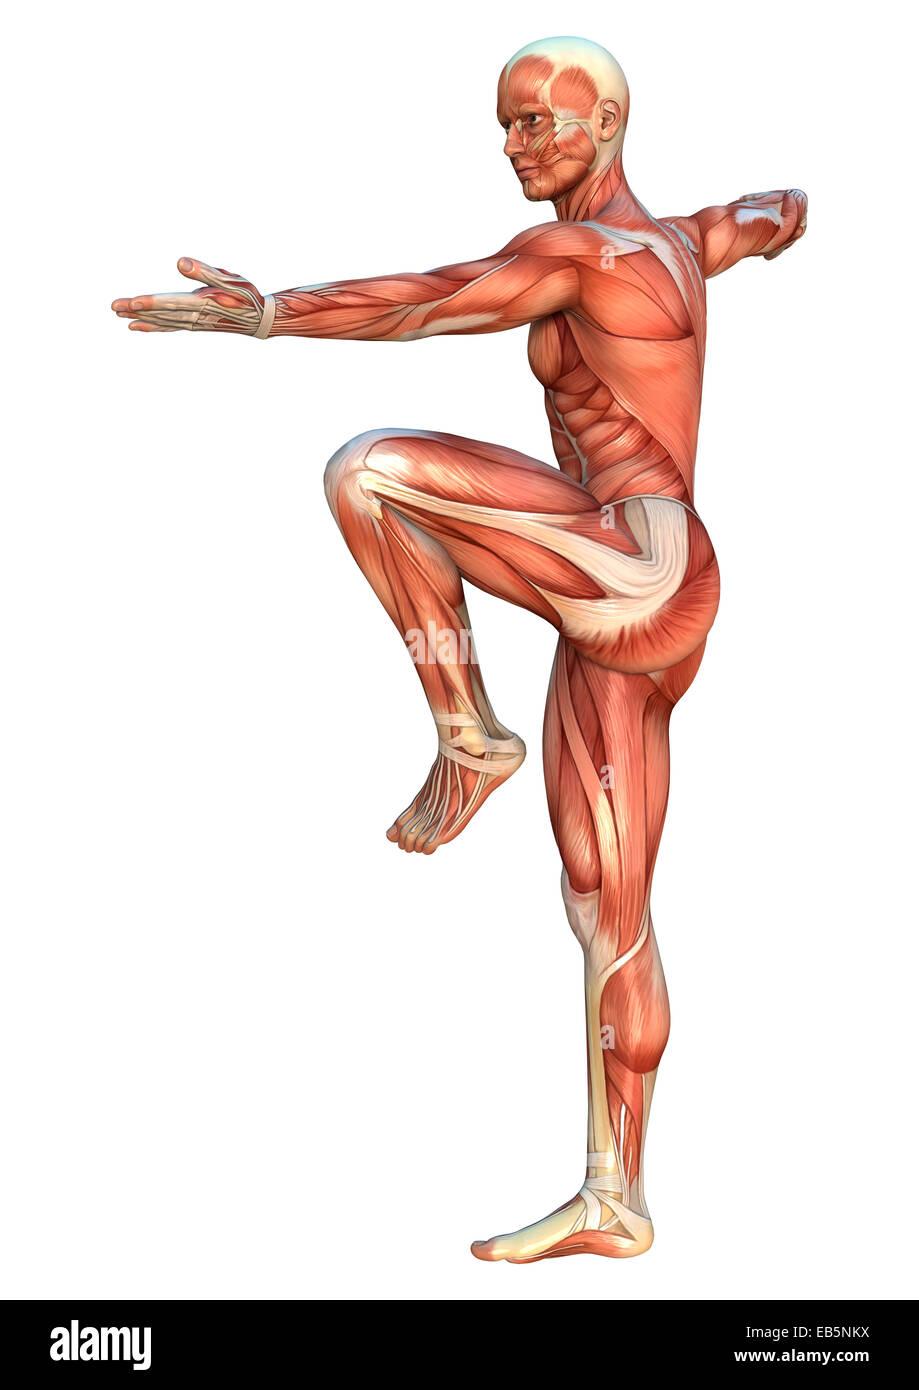 Tolle Muskelsysteminformationen Ideen - Menschliche Anatomie Bilder ...